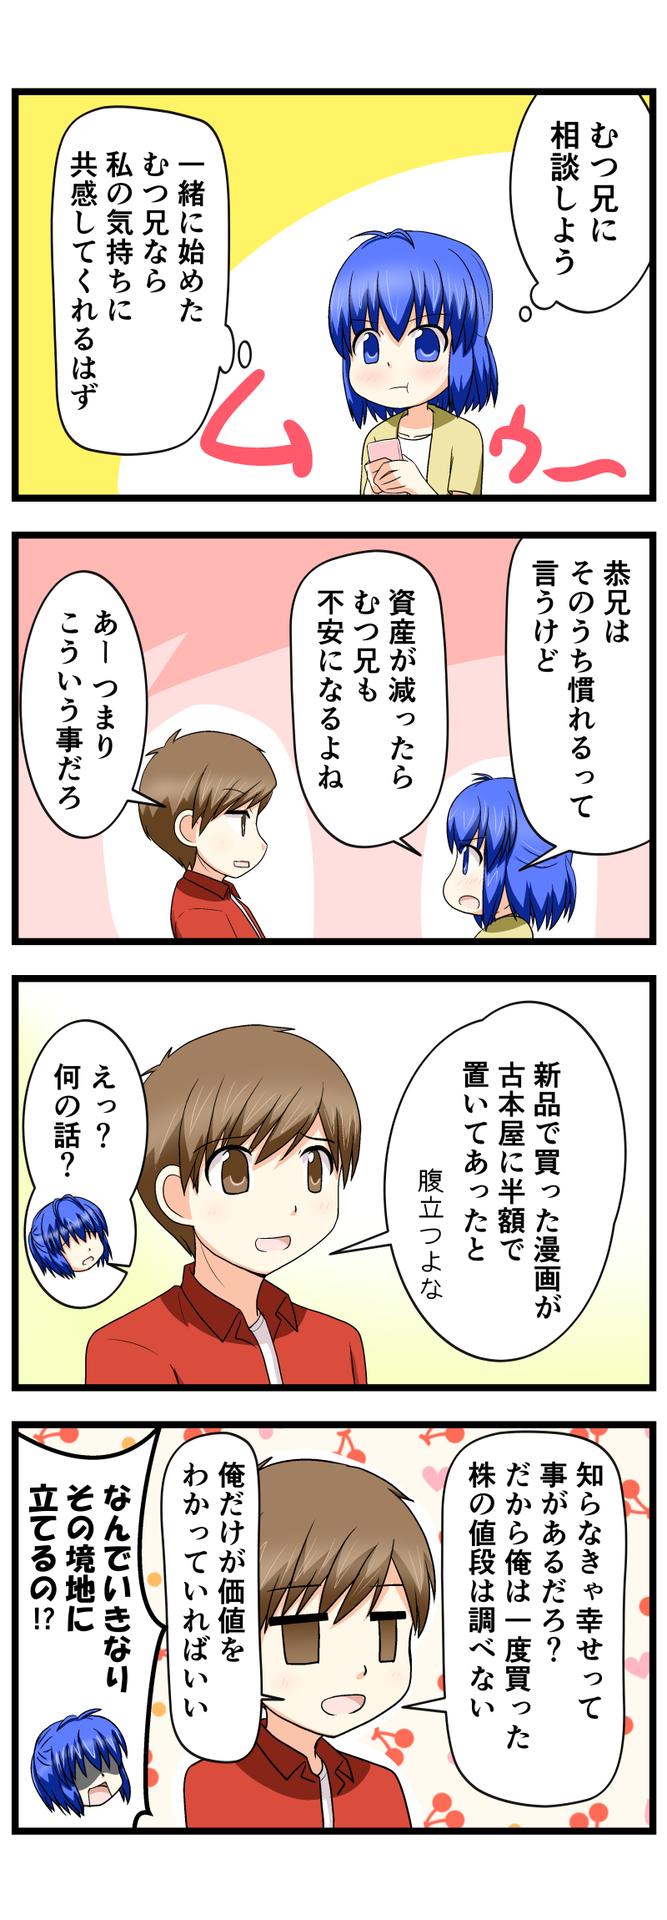 萌える株セミナー37.jpg